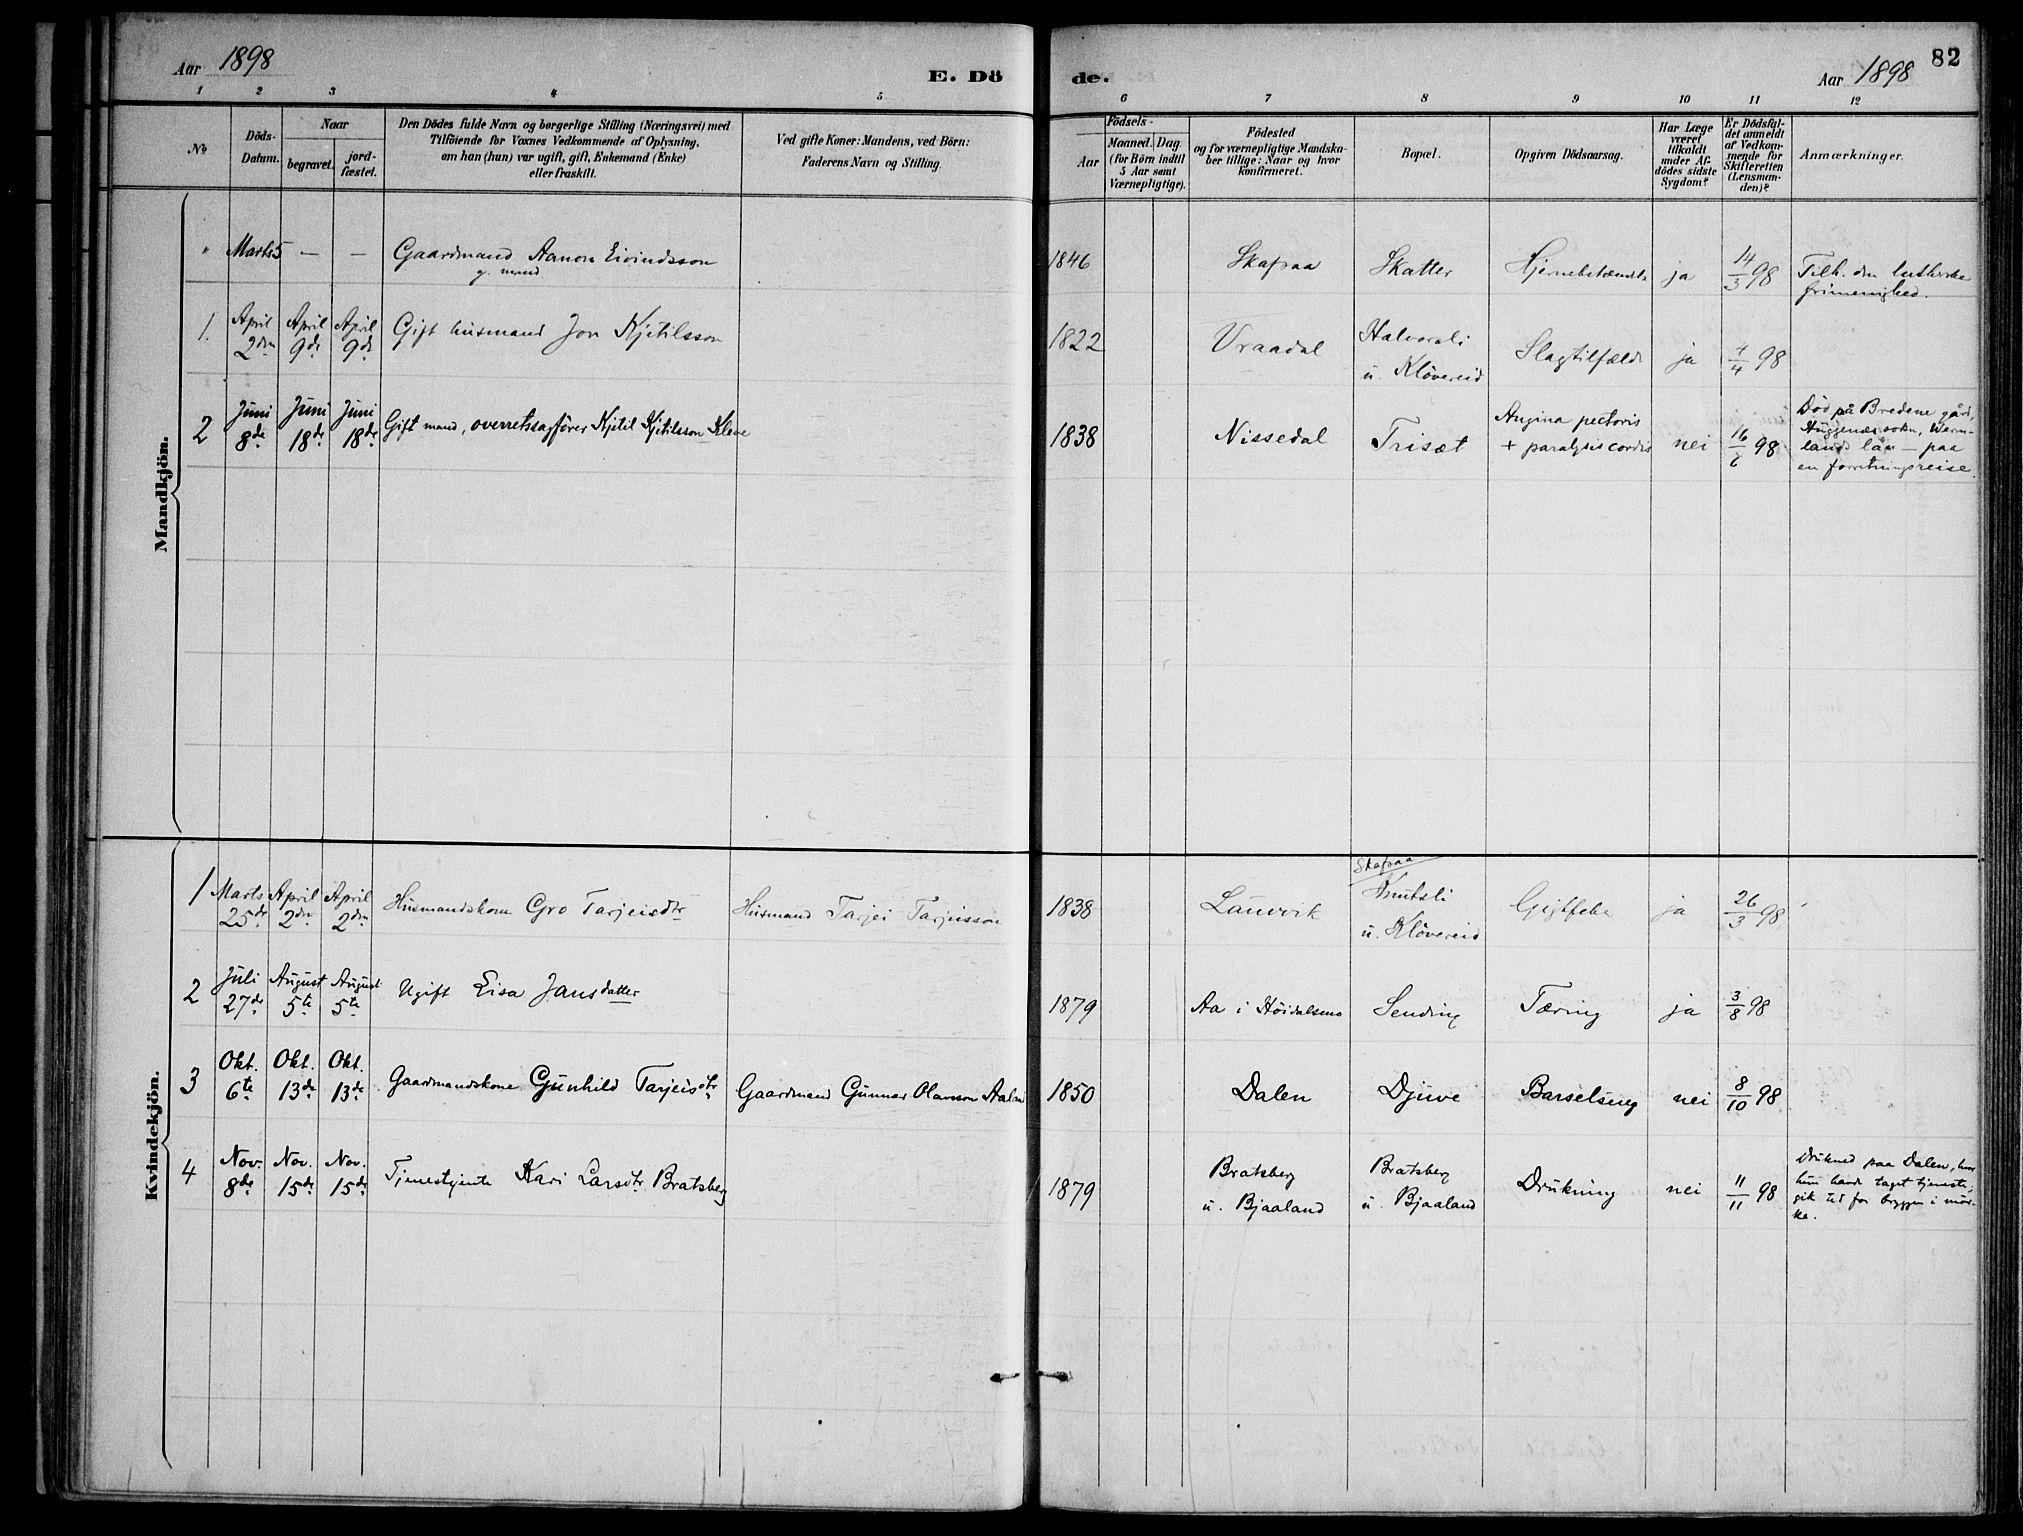 SAKO, Lårdal kirkebøker, F/Fa/L0007: Ministerialbok nr. I 7, 1887-1906, s. 82